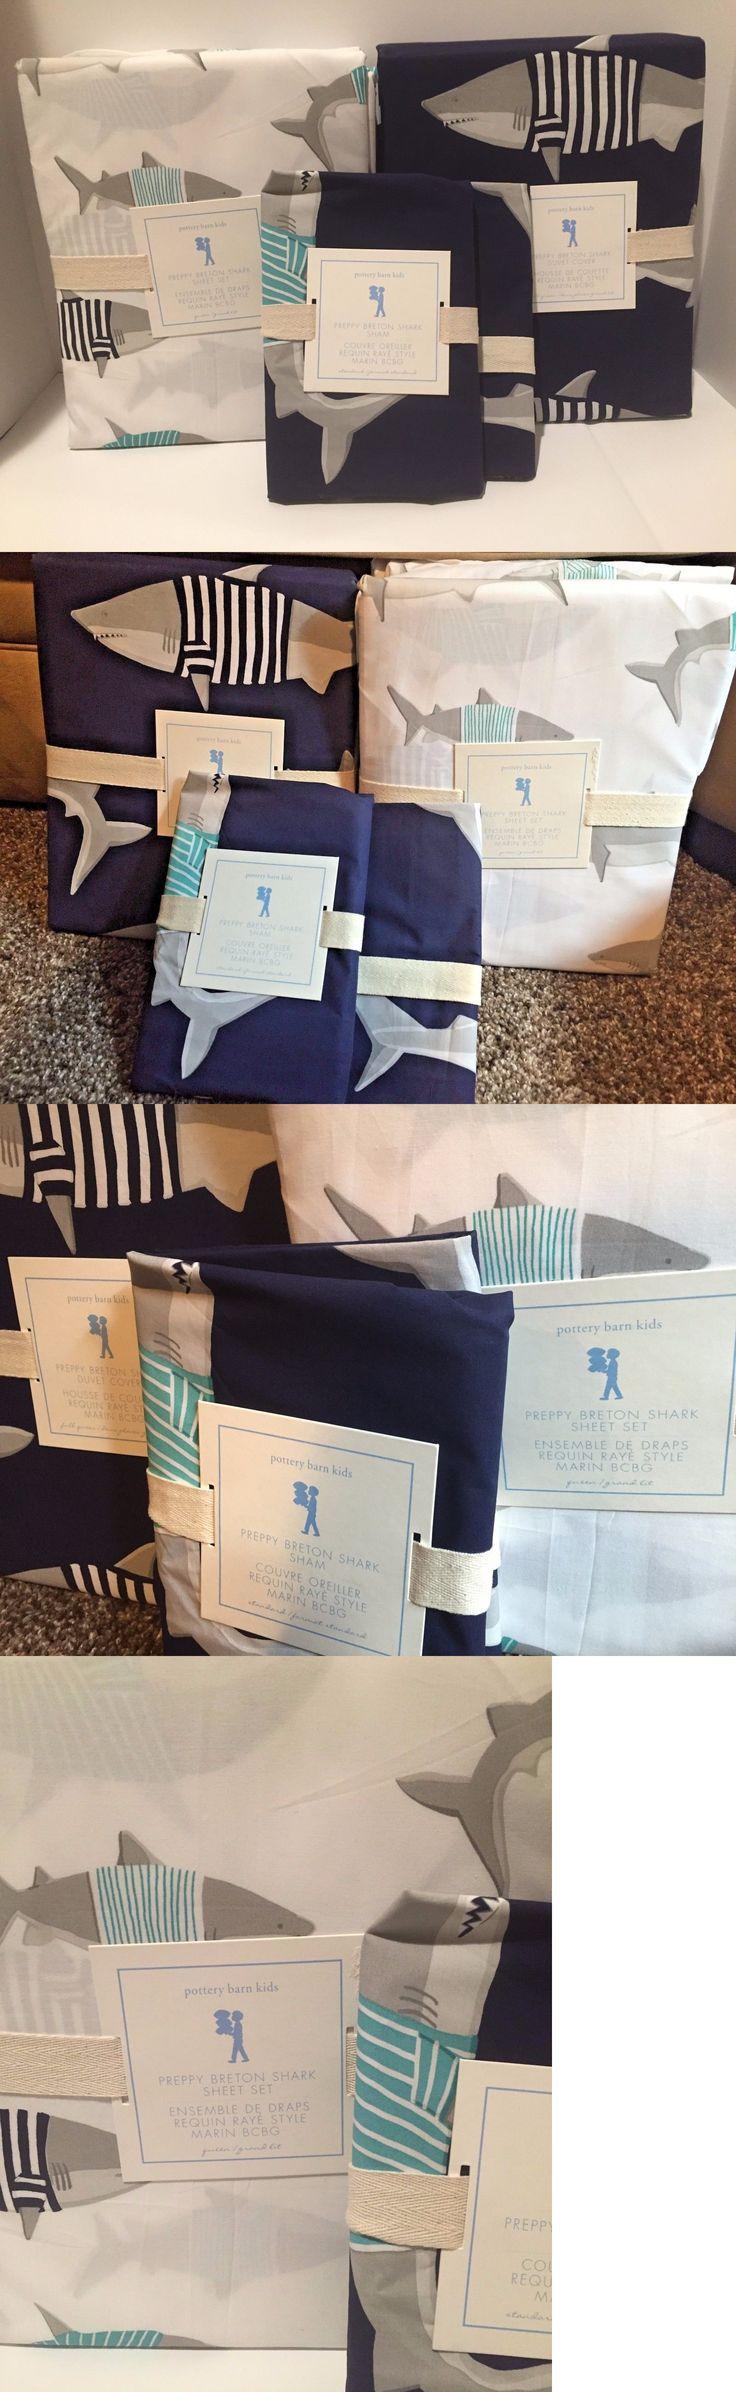 Kids Bedding: New Pottery Barn Kids Preppy Breton Shark Full/Queen Duvet, Shams, Qn Sheet Set -> BUY IT NOW ONLY: $299.95 on eBay!